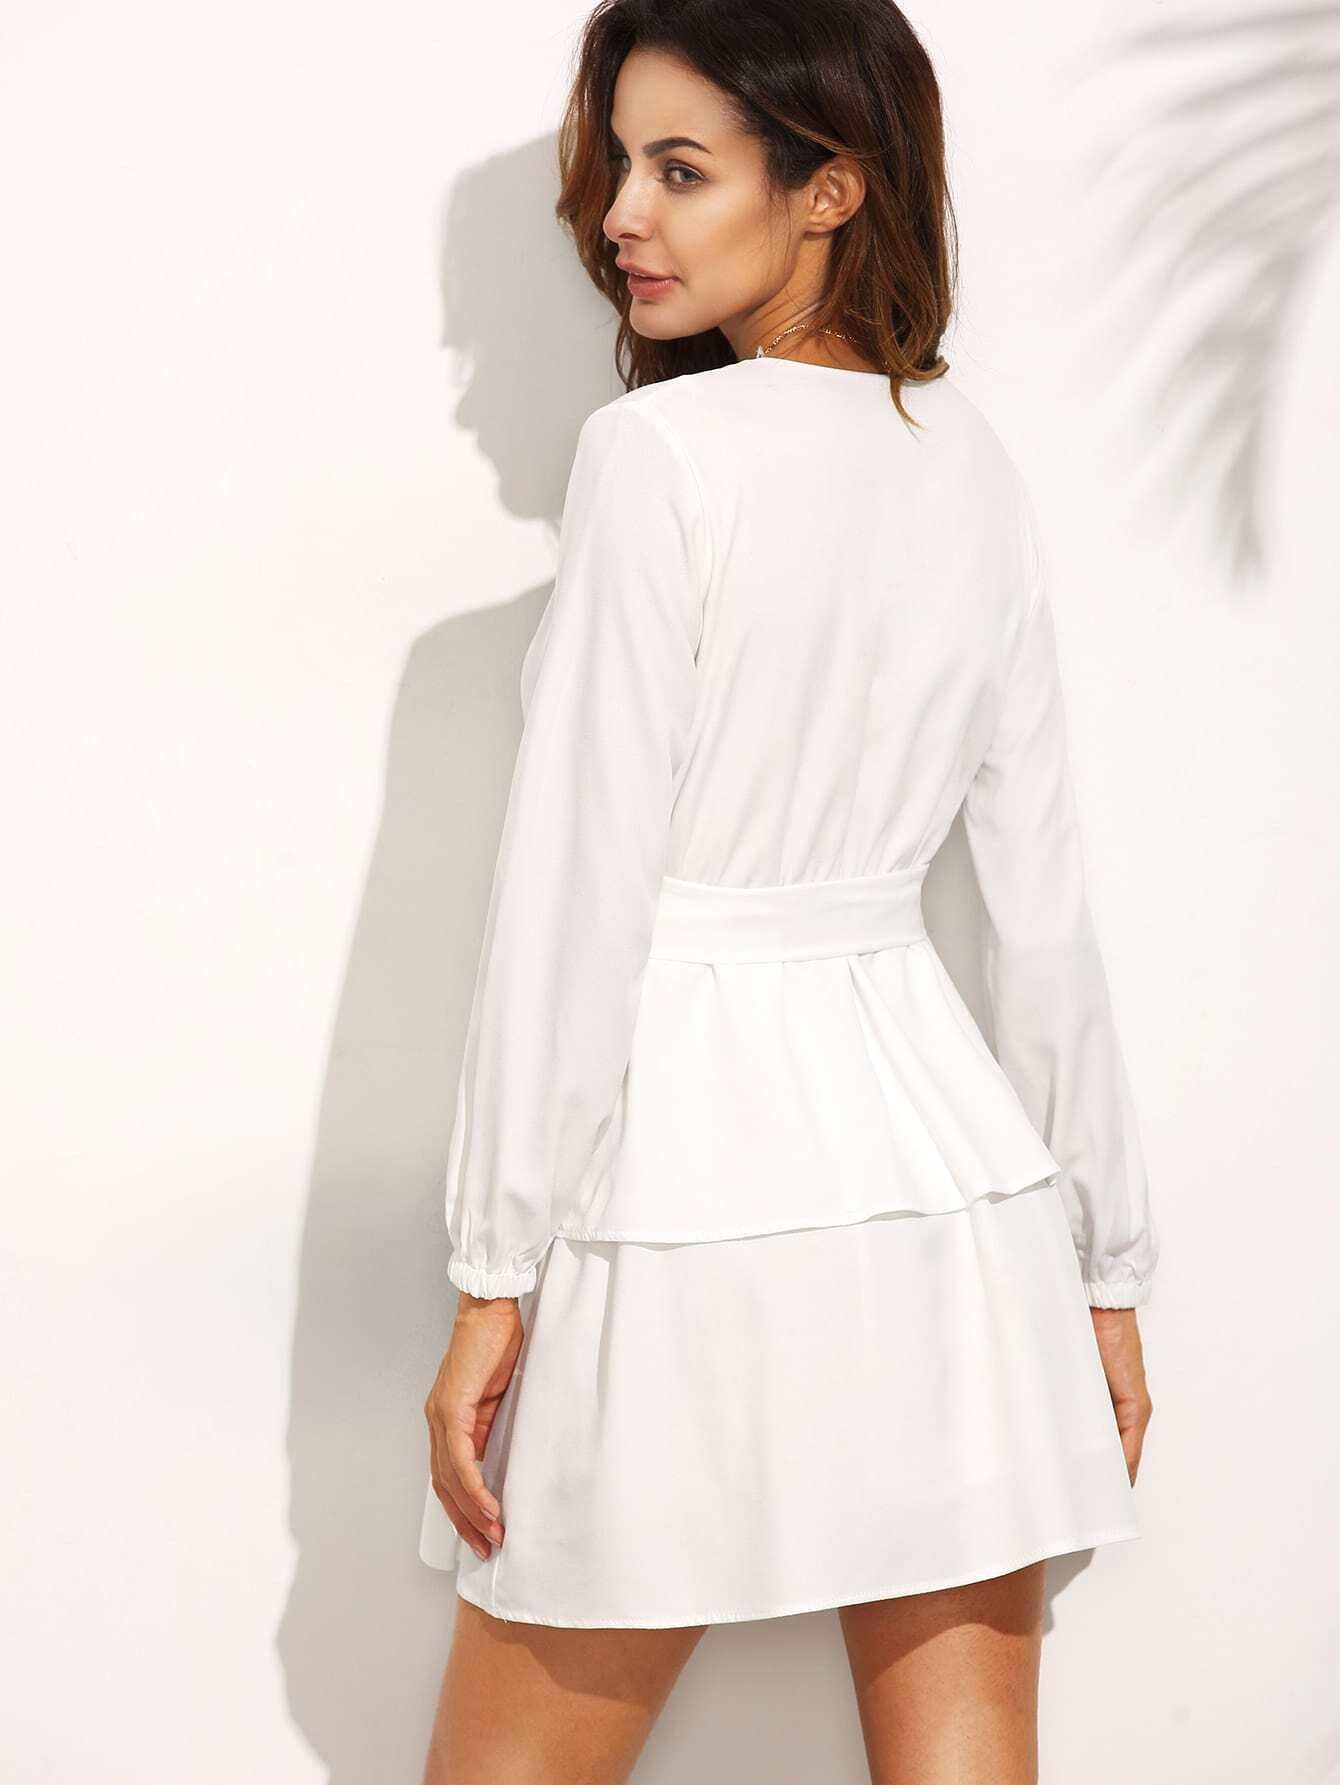 dress160726302_2